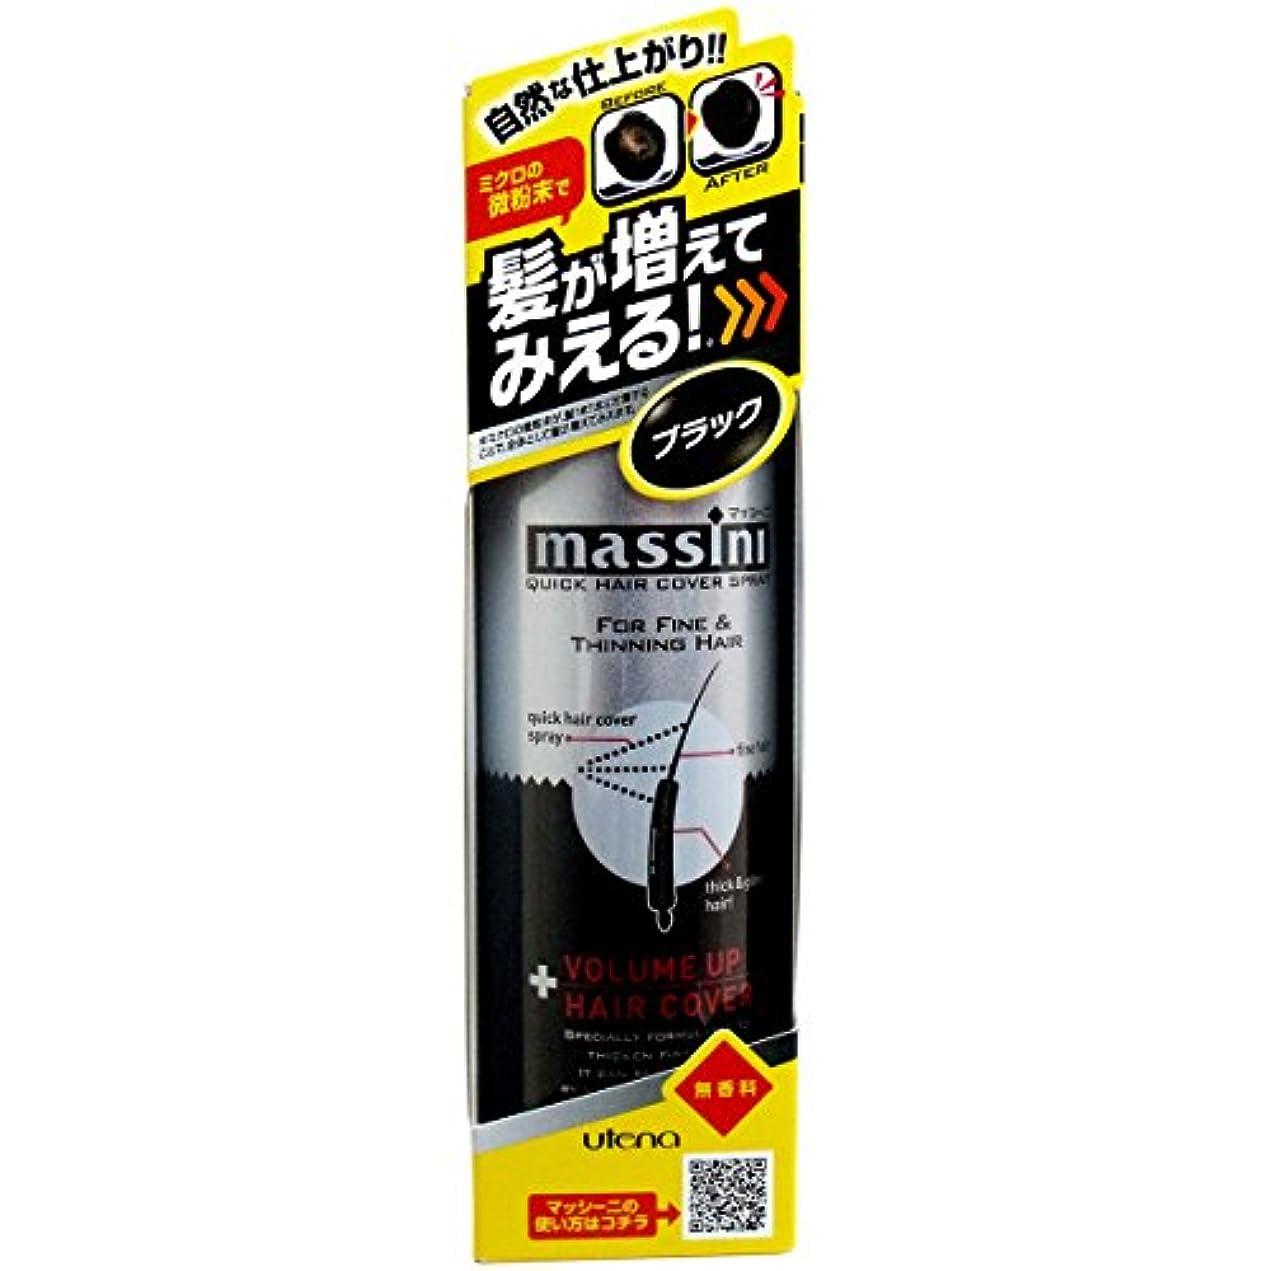 ご覧ください広々非武装化【ウテナ】マッシーニ クィックヘアカバースプレー(ブラック) 140g ×10個セット